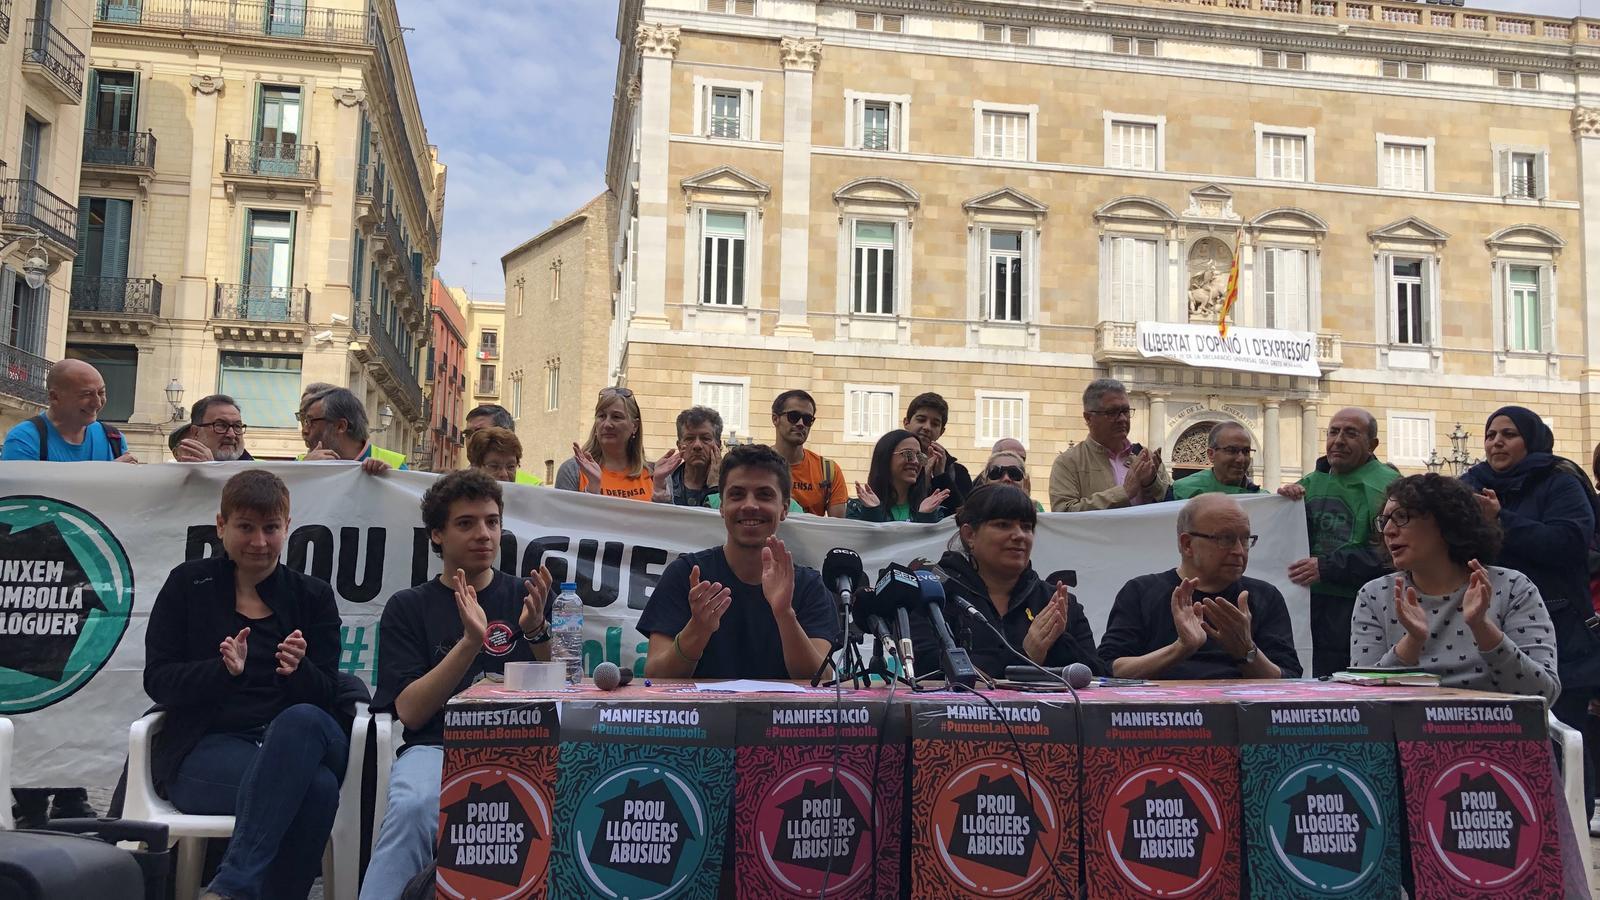 Barcelona clamarà dissabte contra els lloguers abusius